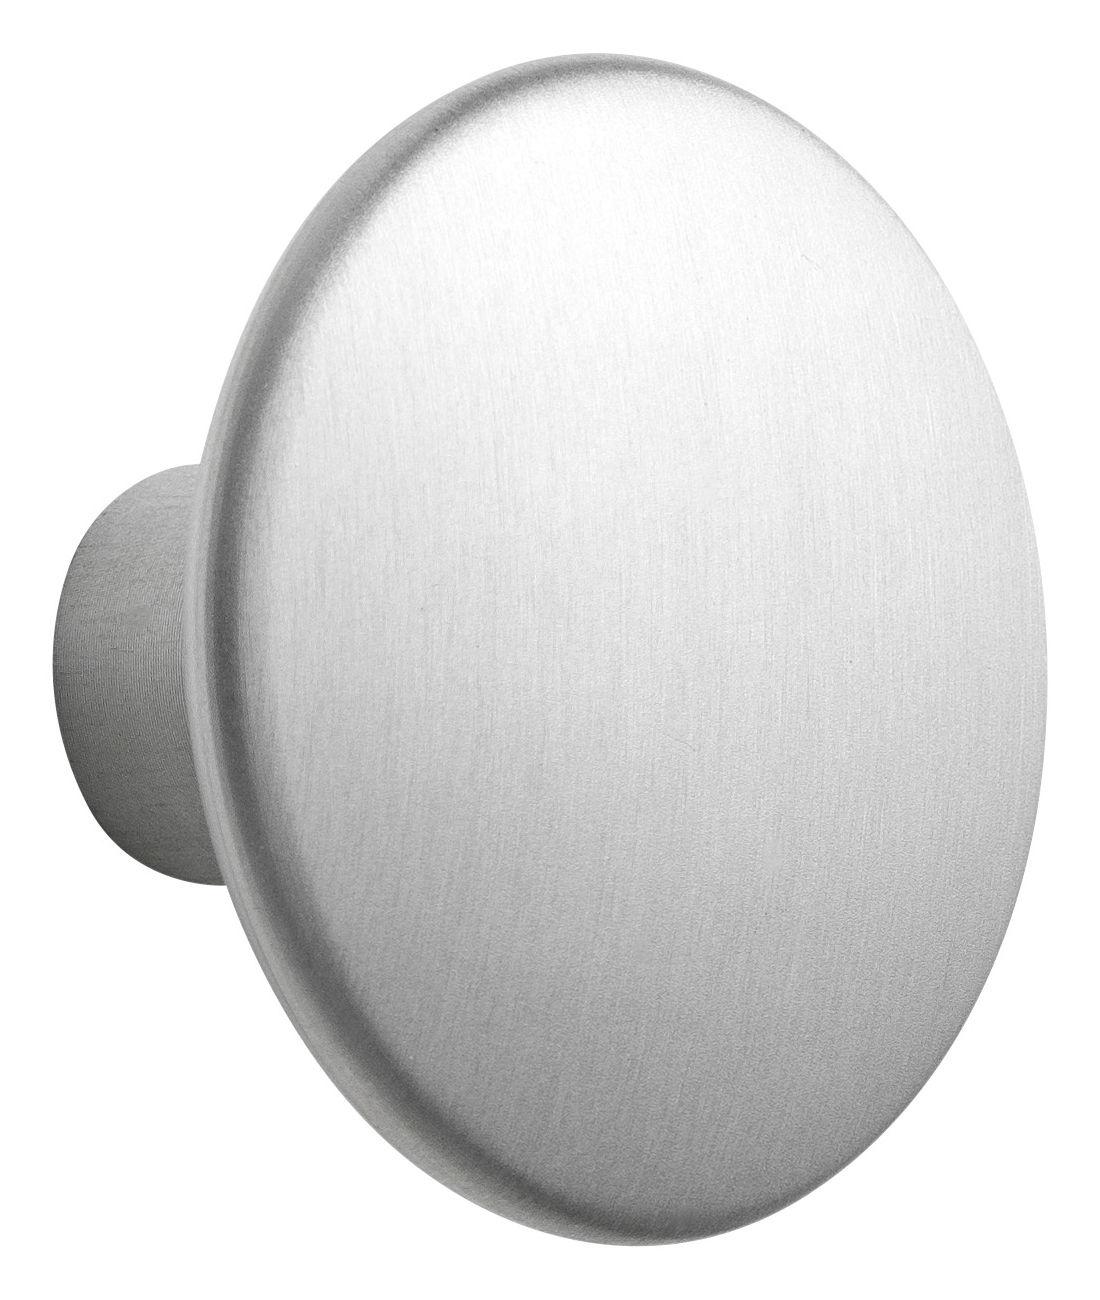 Furniture - Coat Racks & Pegs - The Dots Metal Hook - Large - Ø 5 cm by Muuto - Aluminium - Aluminium